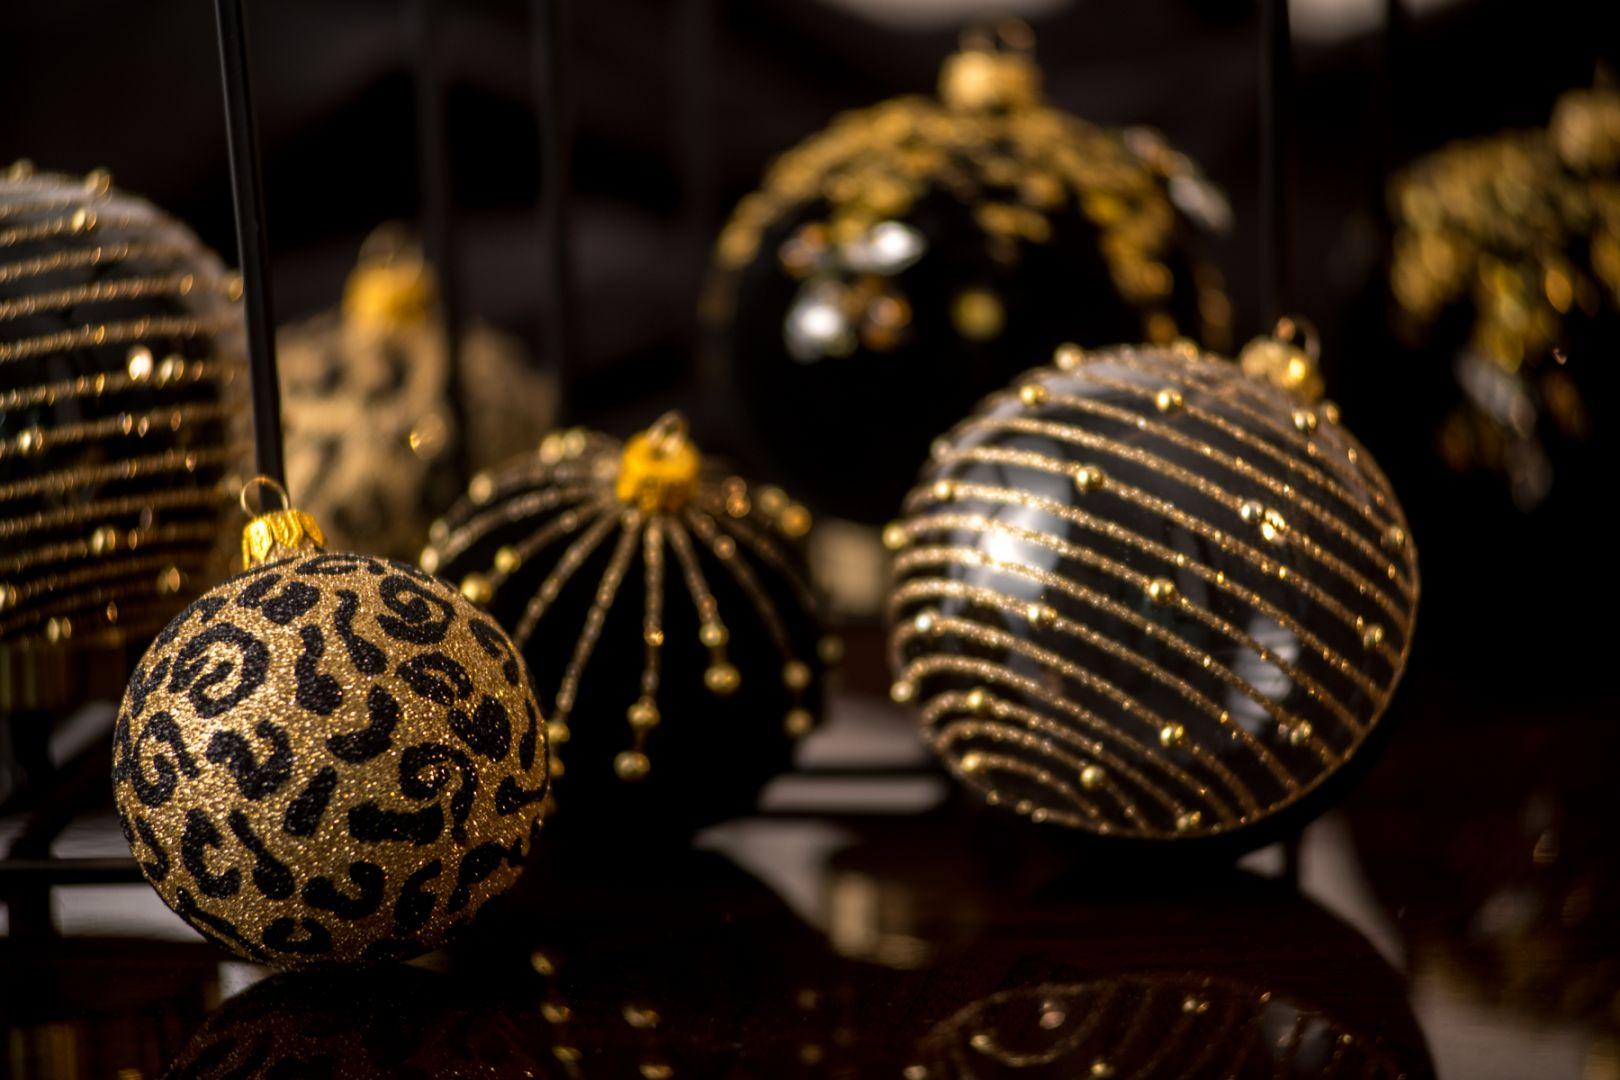 Bombki Line i Dot zmysłowo łączą czerń i złoto. Pierwsza w połowie pokryta jest czarnym flokiem, w drugiej połowie to czyste, transparentne szkło. Całość zdobi dekoracja ze złotego brokatu i złotych półpereł. Druga w całości pokryta czarnym flokiem, udekorowana jest w cienkie, subtelne linie wykonane złotym brokatem. Motywem dekoracyjnym tu także są złote półperły.  Fot. Kler